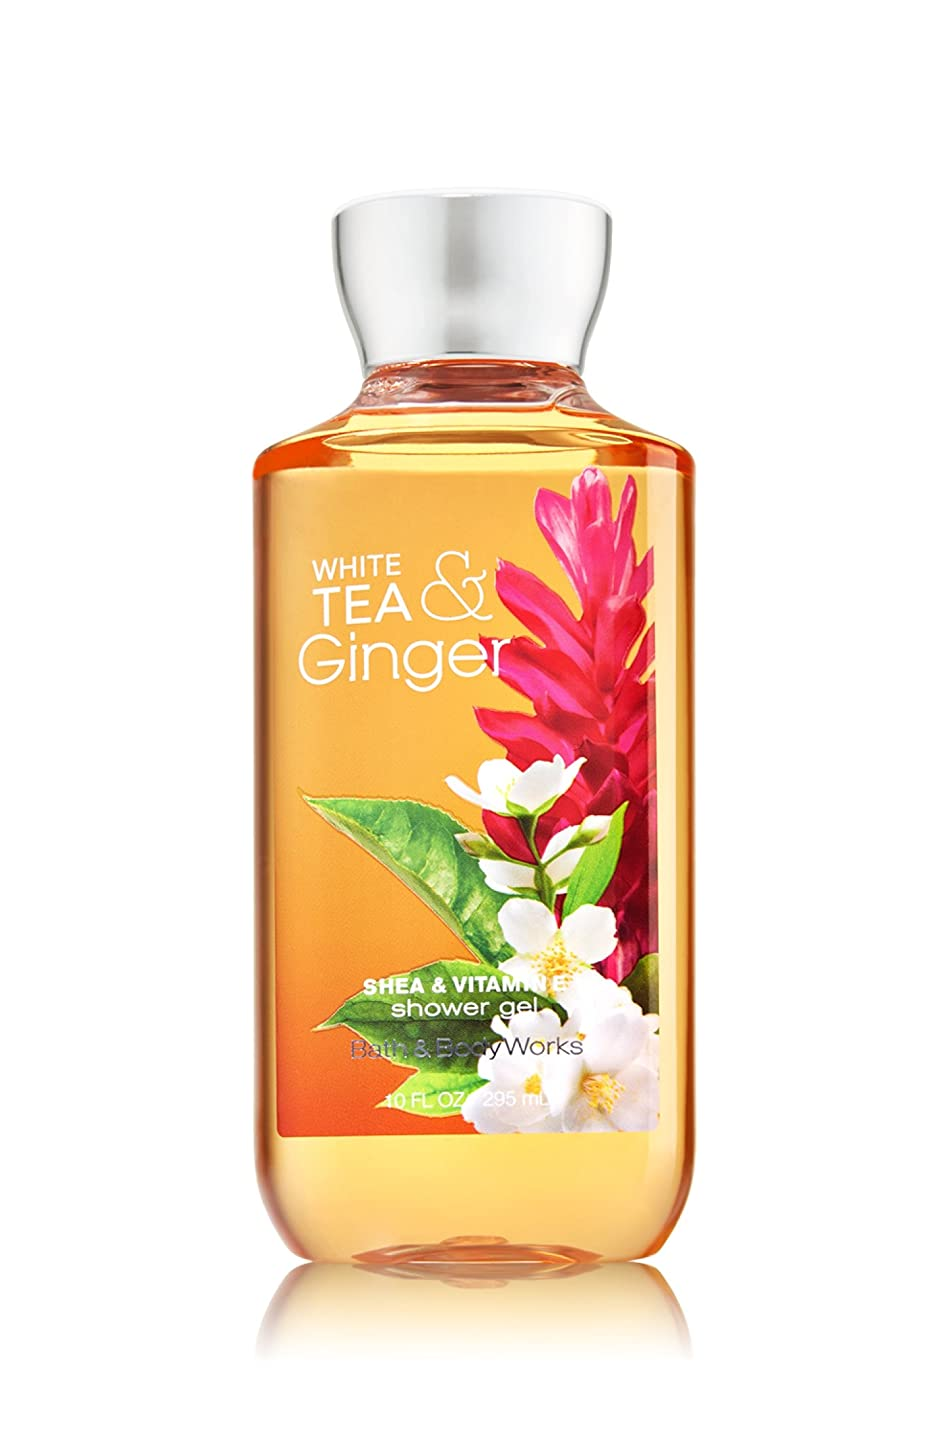 無一文豆一致する【Bath&Body Works/バス&ボディワークス】 シャワージェル ホワイトティー&ジンジャー Shower Gel White Tea & Ginger 10 fl oz / 295 mL [並行輸入品]